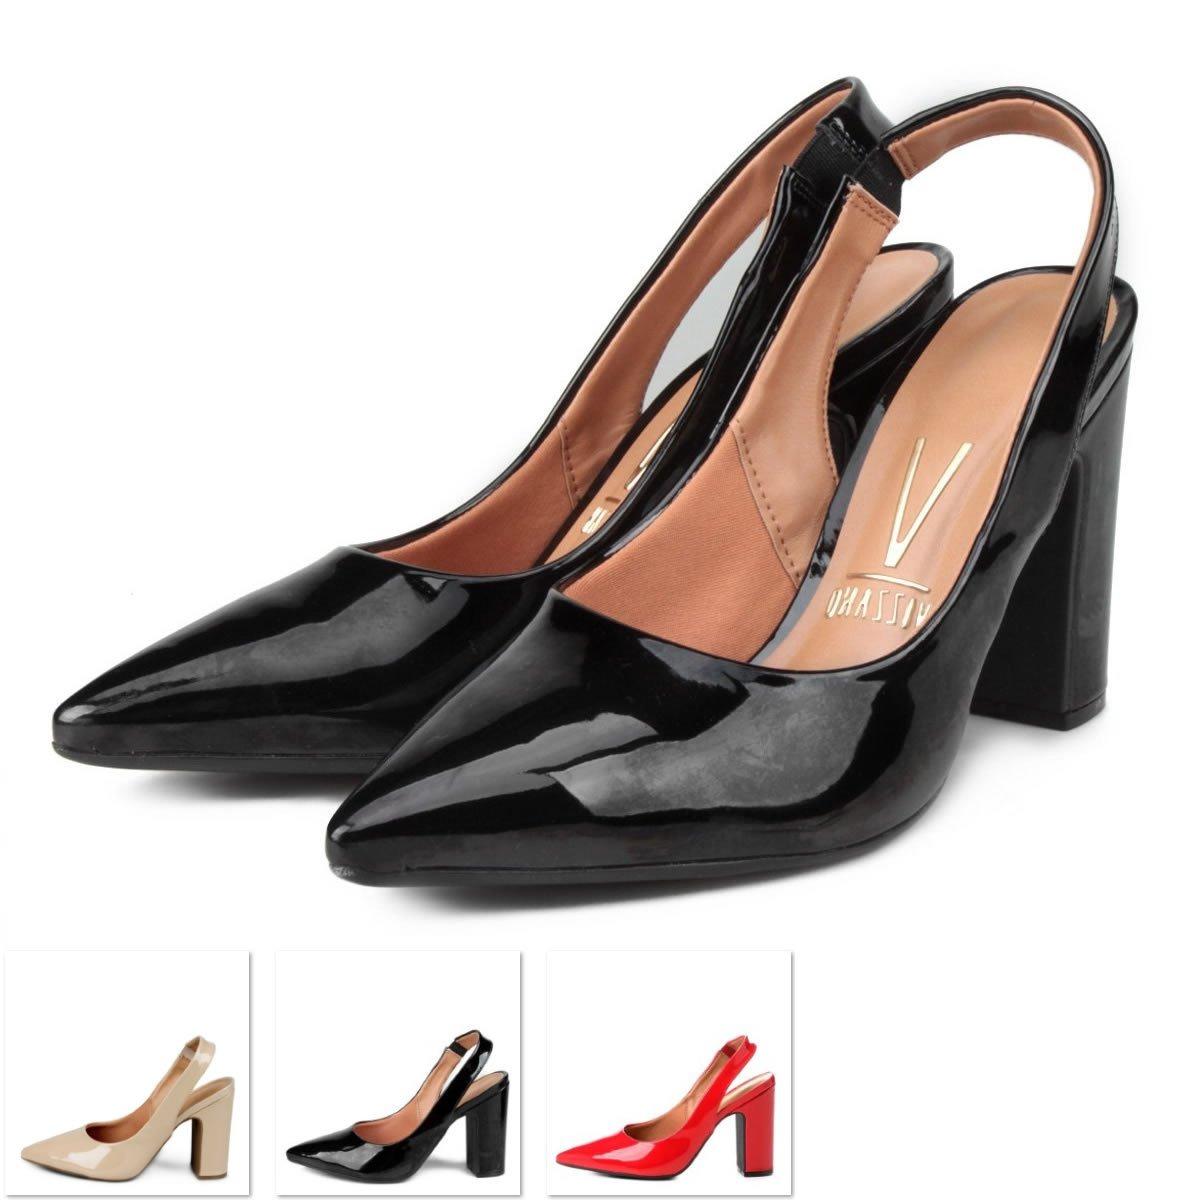 75c3fecafe sapato scarpin vizzano chanel bico fino salto bloco. Carregando zoom.